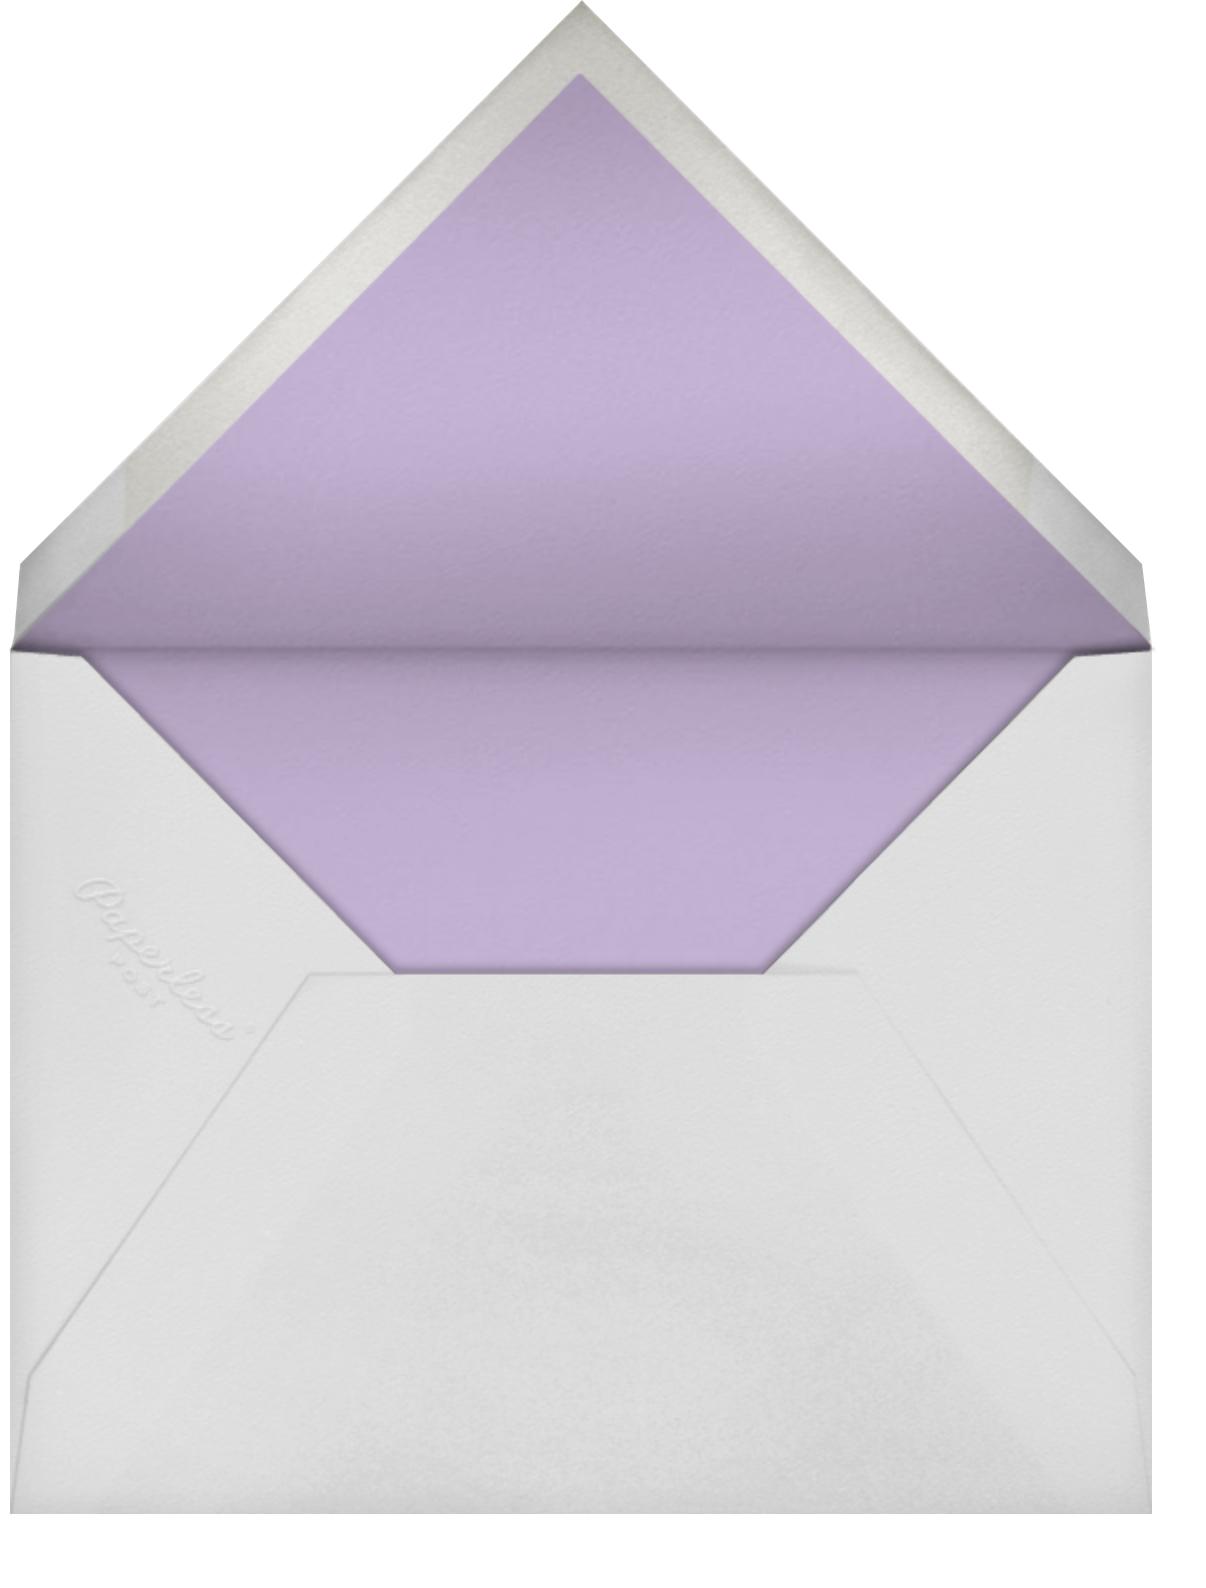 Fauvist Florals - kate spade new york - Easter - envelope back